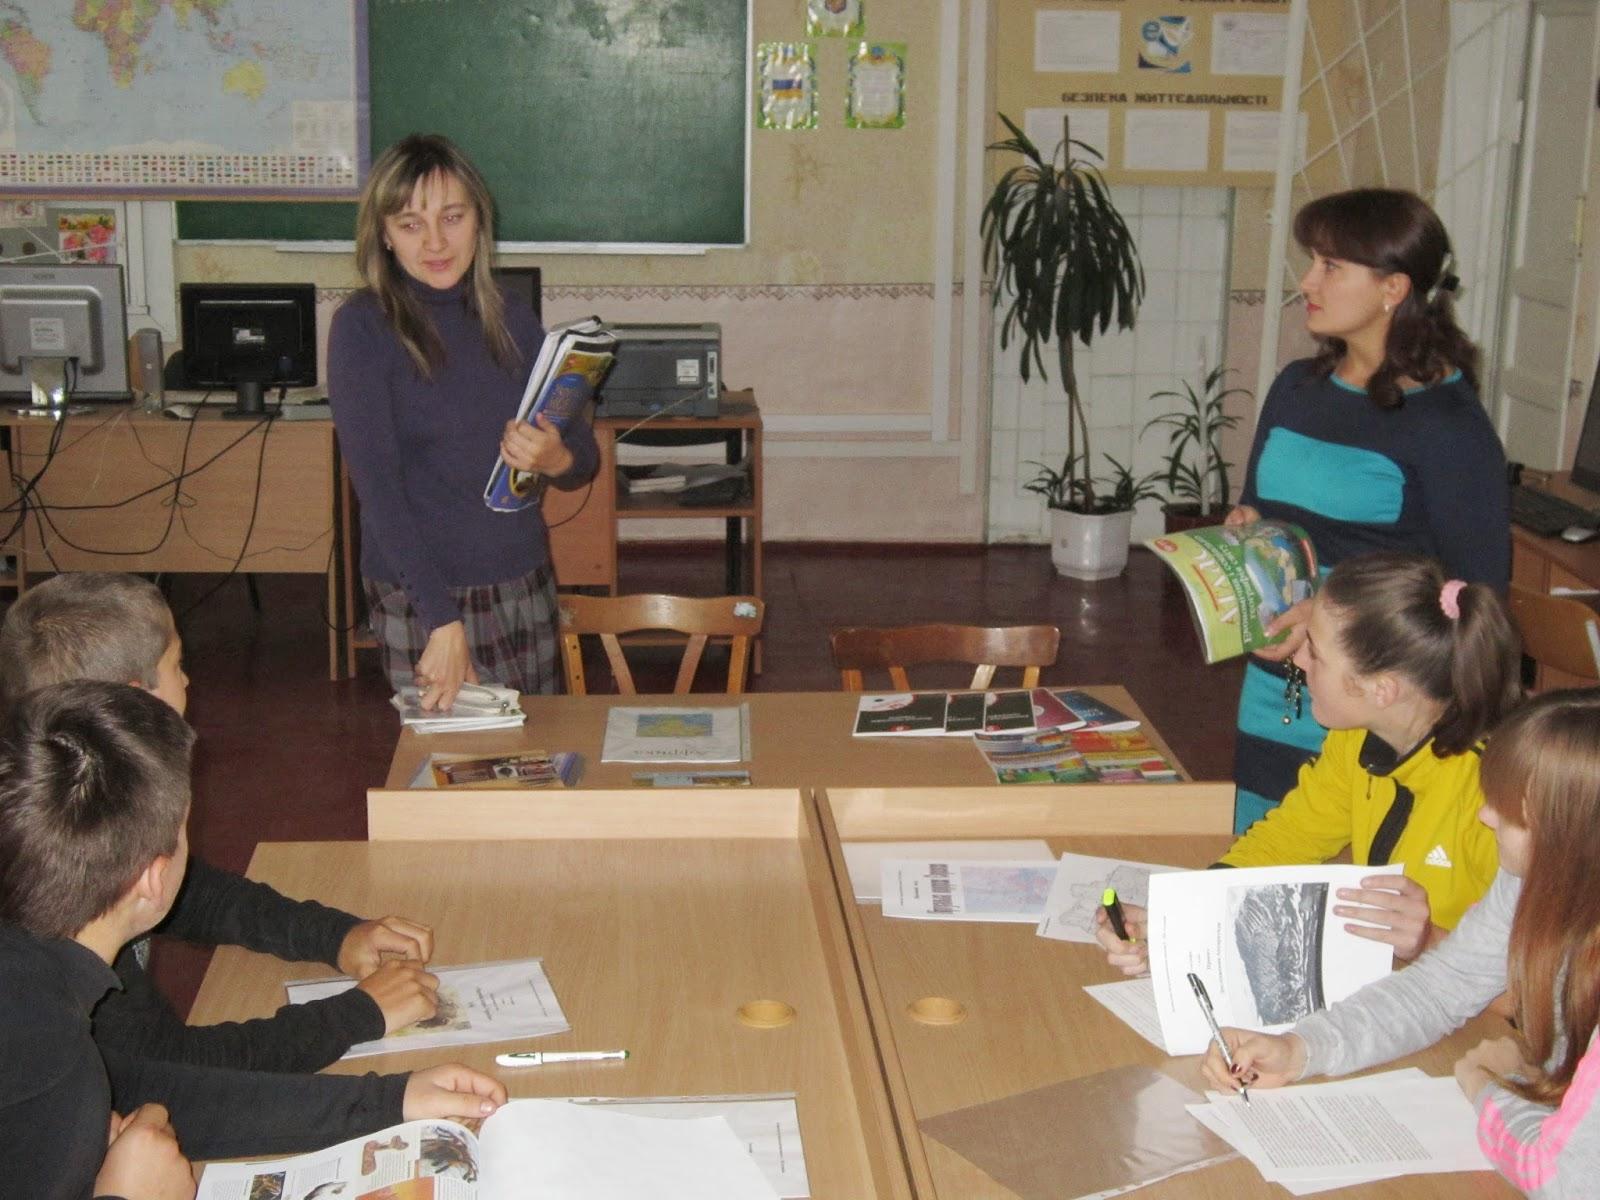 Учитель з учиницай 2 фотография